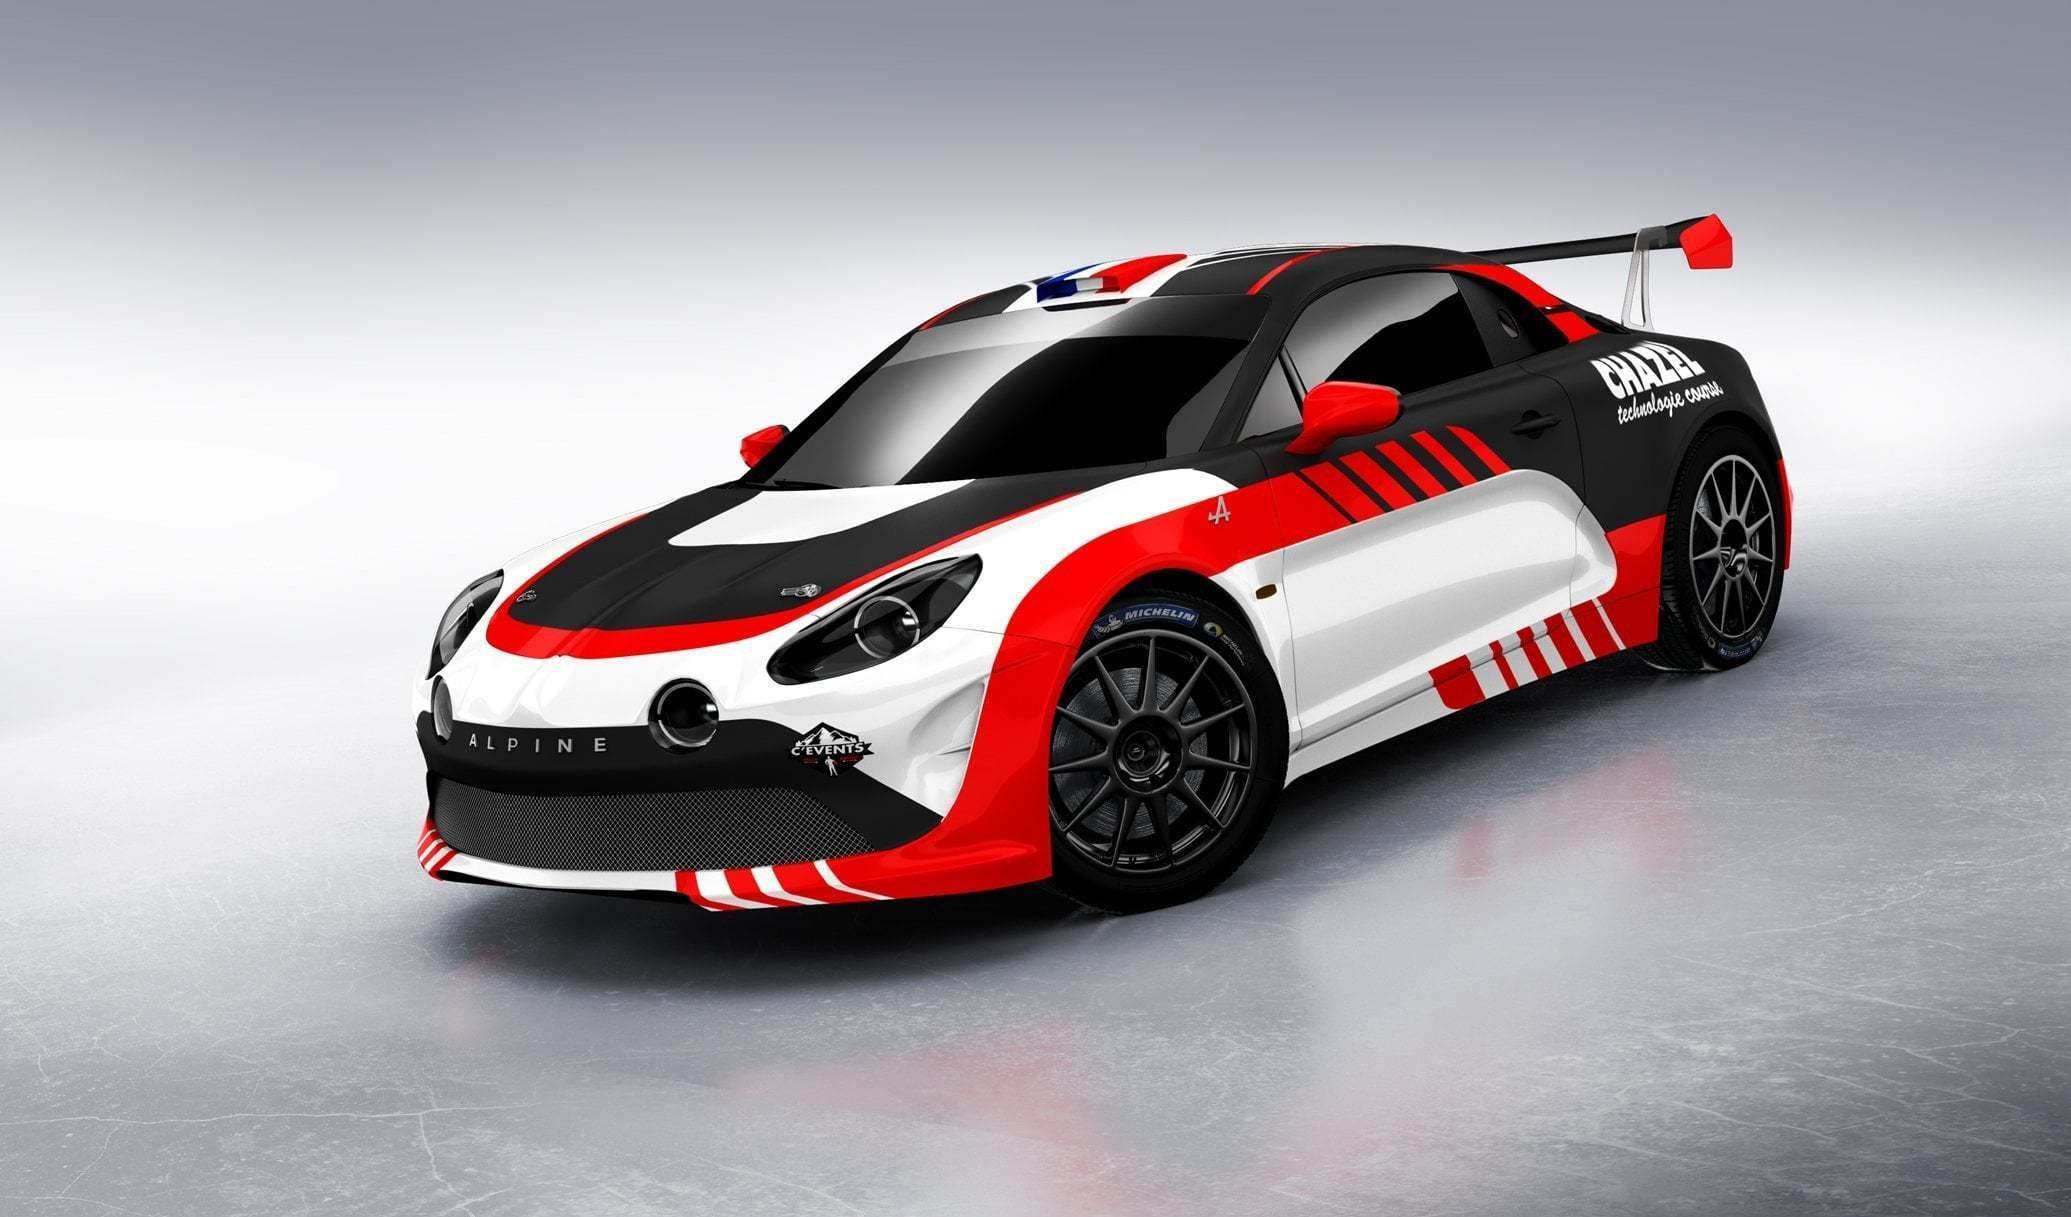 Alpine RGT CHAZEL 1   Le Team Chazel Technologie Course engagera une Alpine A110 R-GT en 2020